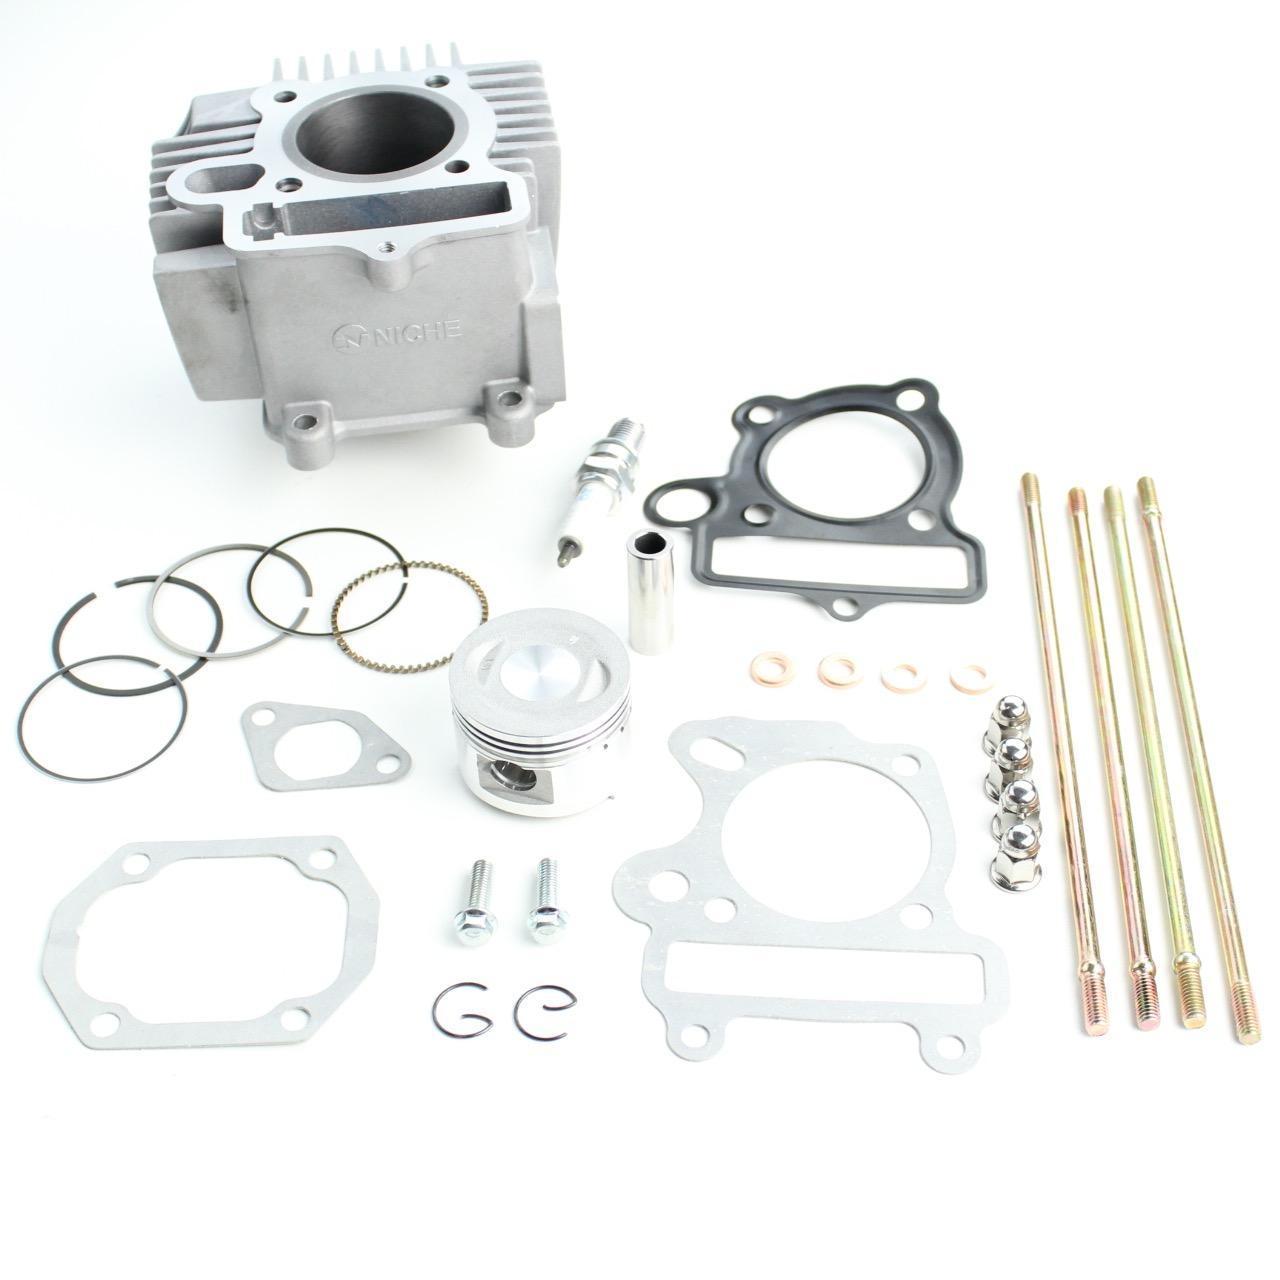 Cylinder Piston Gasket Stud Top End Kit 2007-2016 Polaris